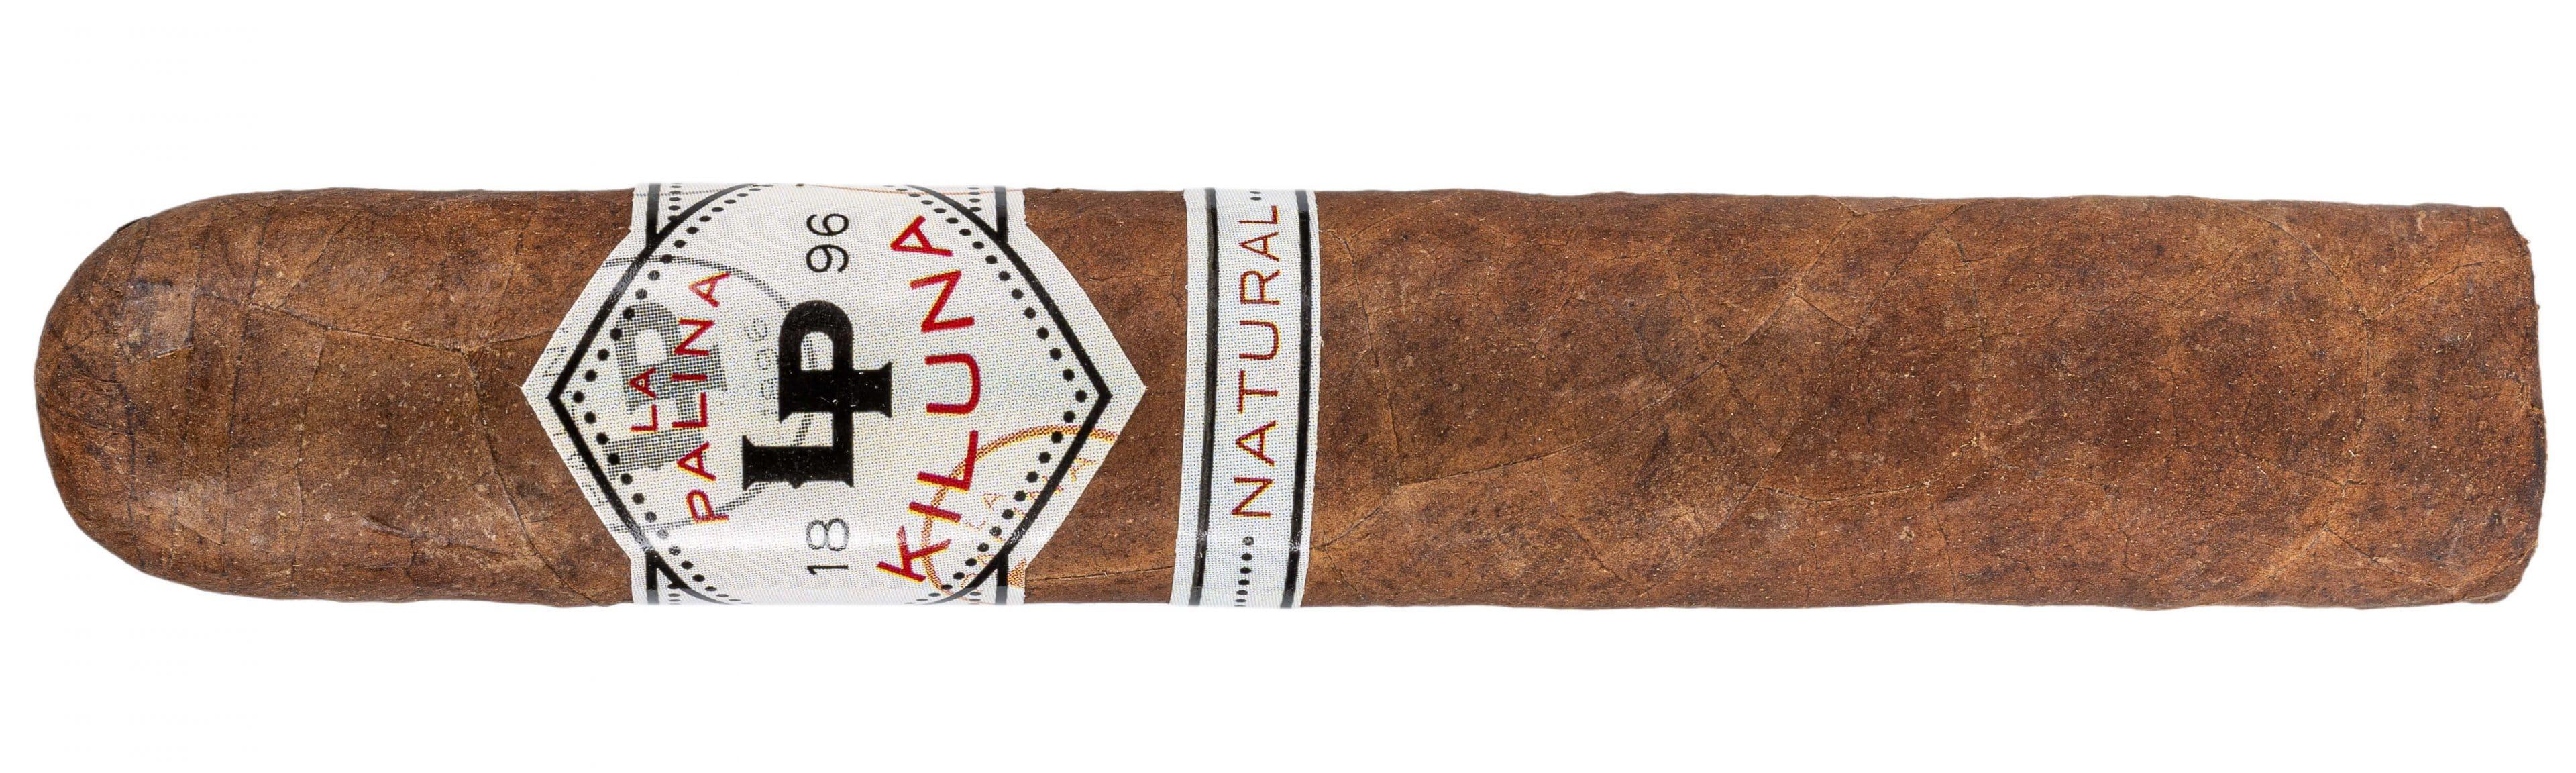 Blind Cigar Review: La Palina   Kiluna Natural Robusto